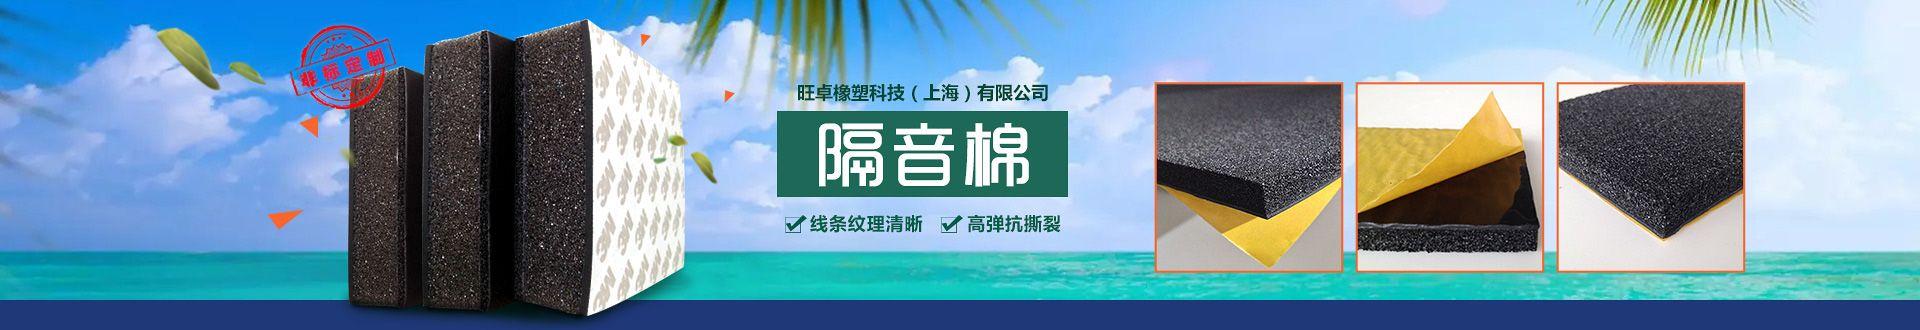 旺卓橡塑科技(上海)有限公司